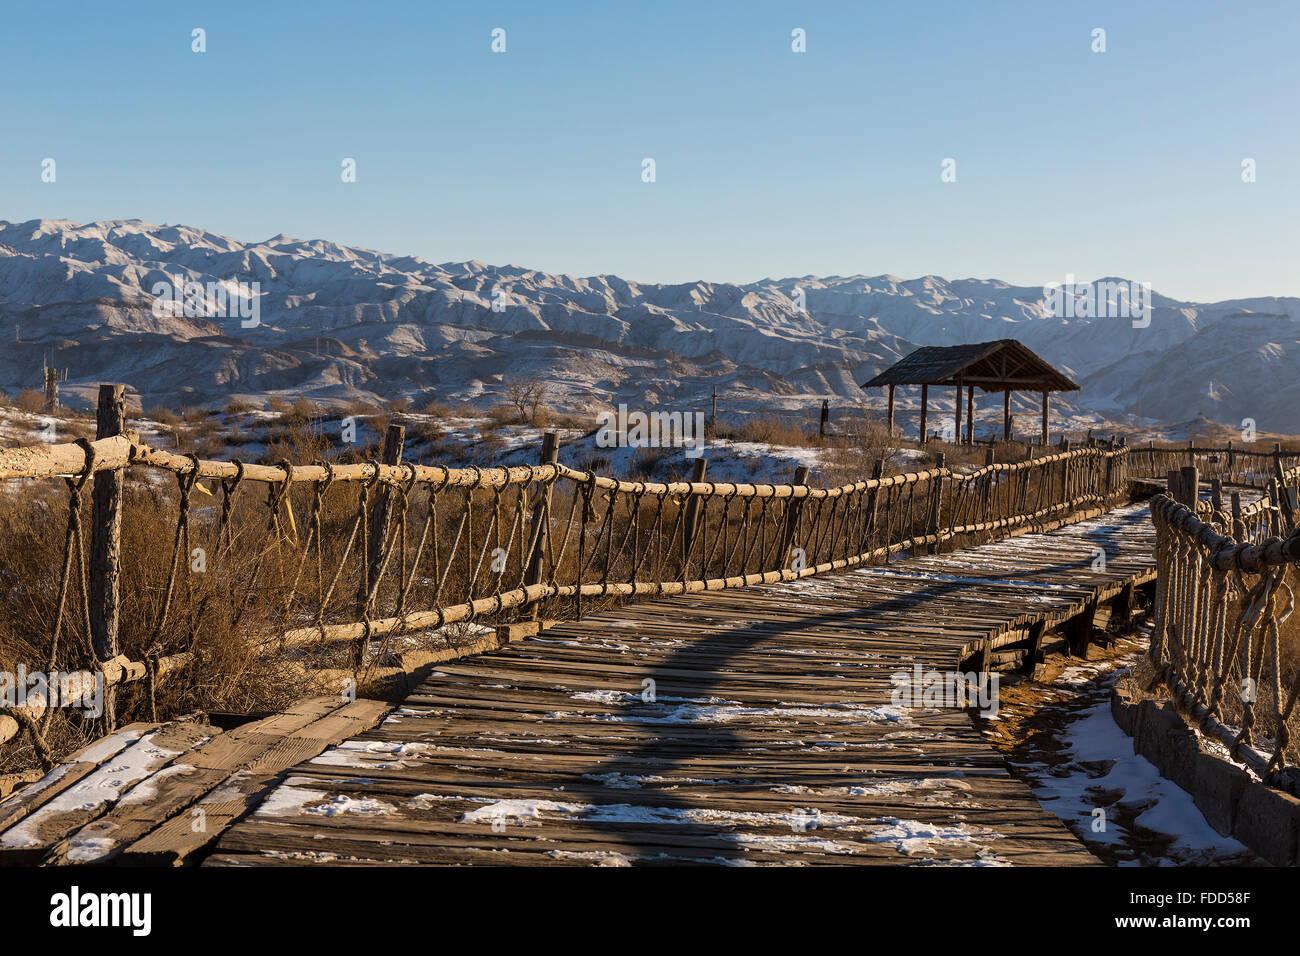 Hiking path at the Shapotou National Park - Ningxia, China Stock Photo